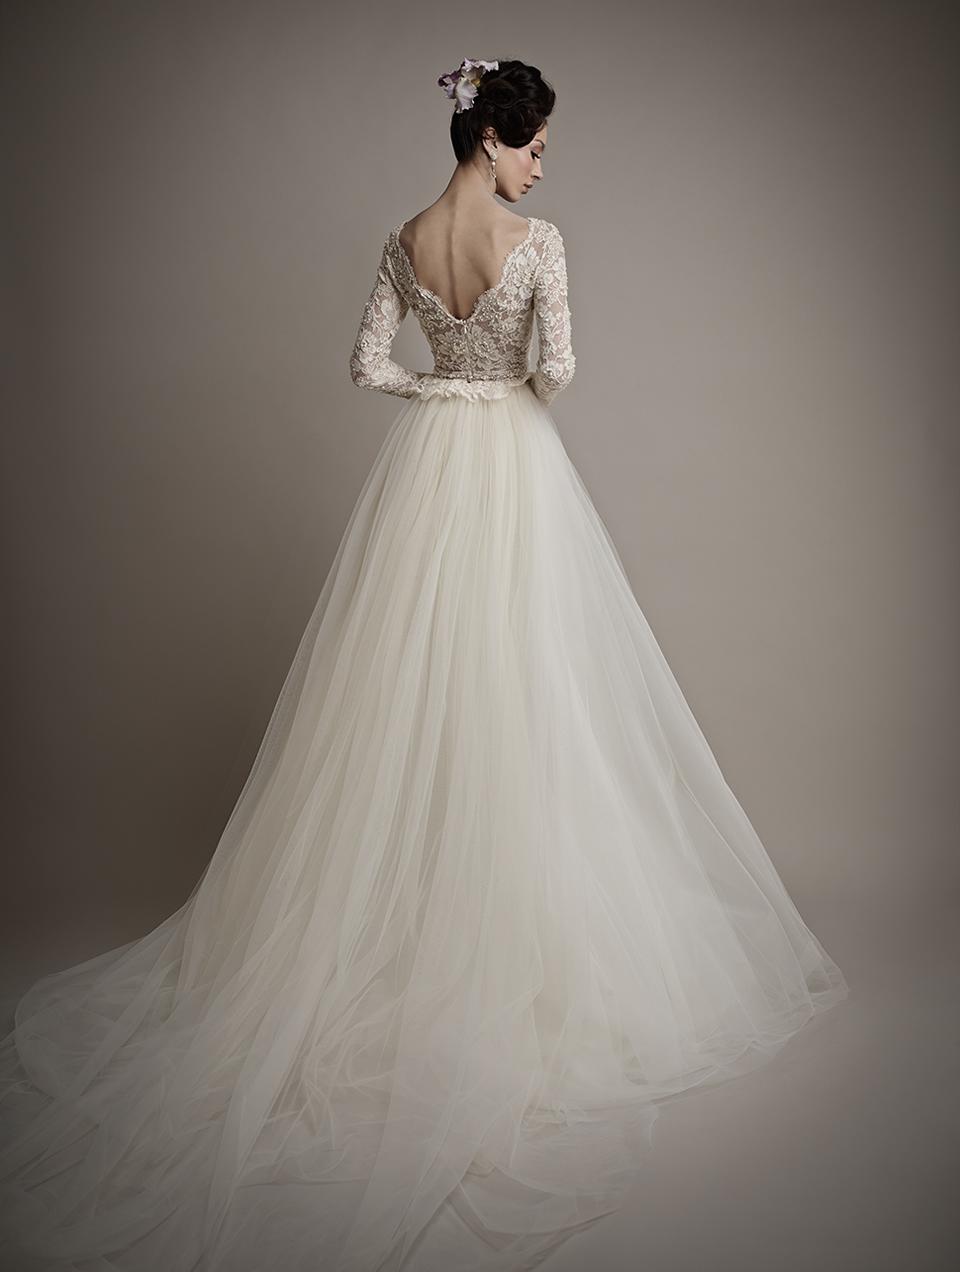 Коллекция свадебных платьев 2015 года от Ersa Atelier4-1